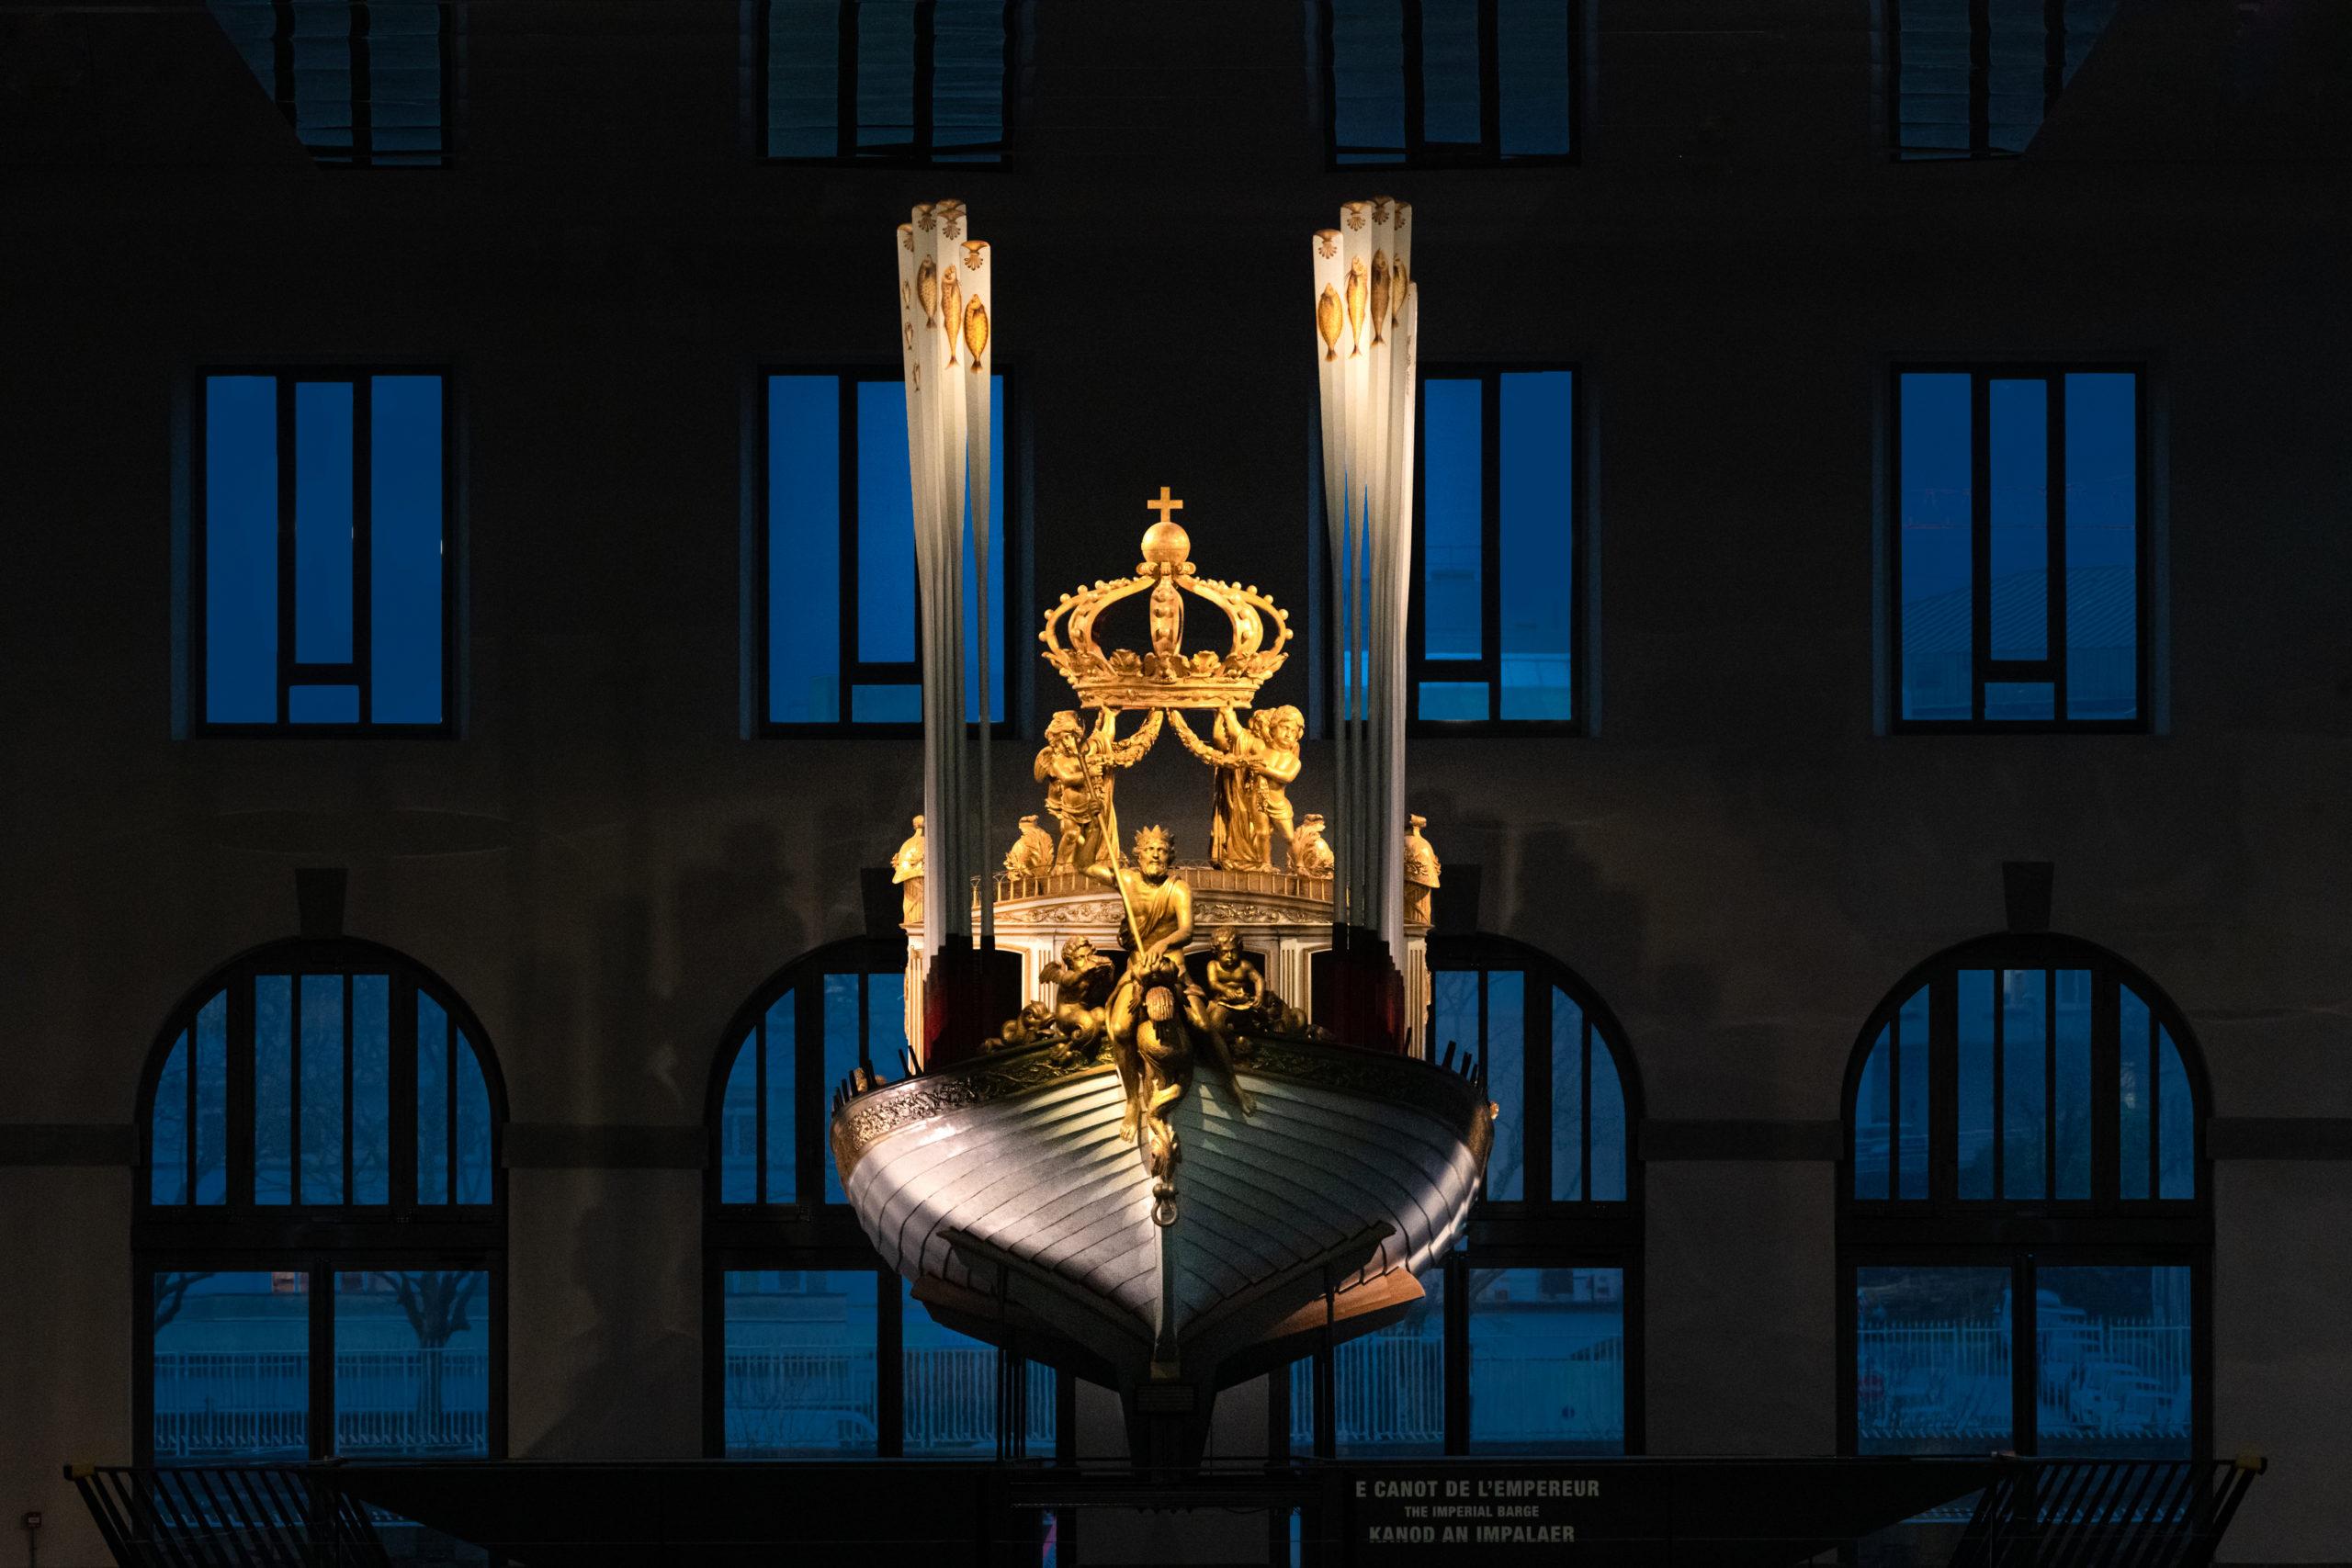 Le Canot de l'Empereur restauré est désormais visible de tous, aux Ateliers des Capucins